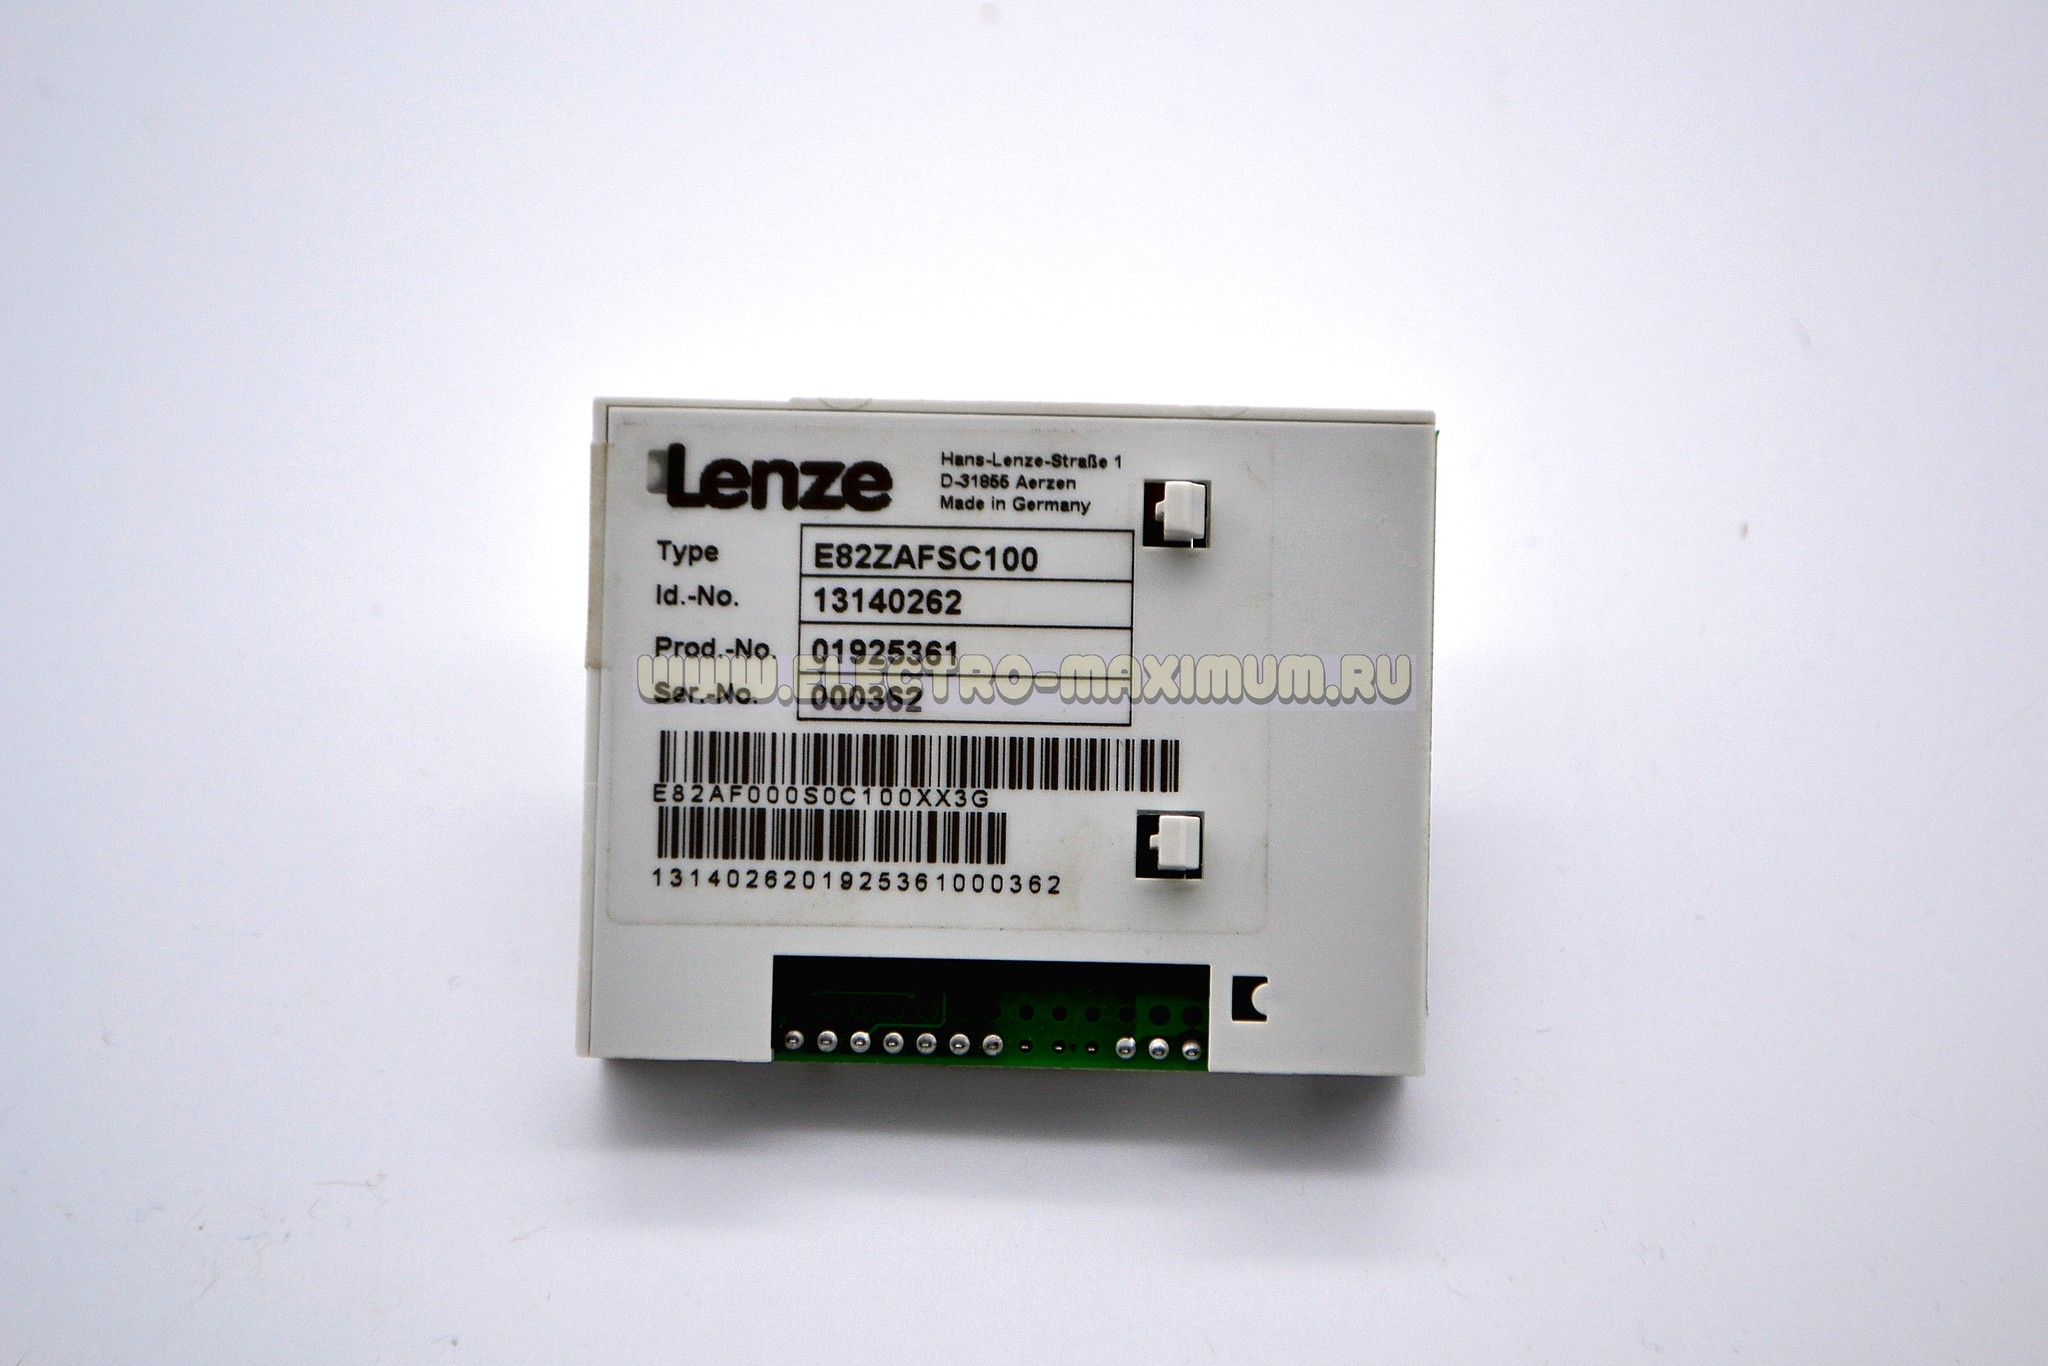 Lenze E82ZAFSC100